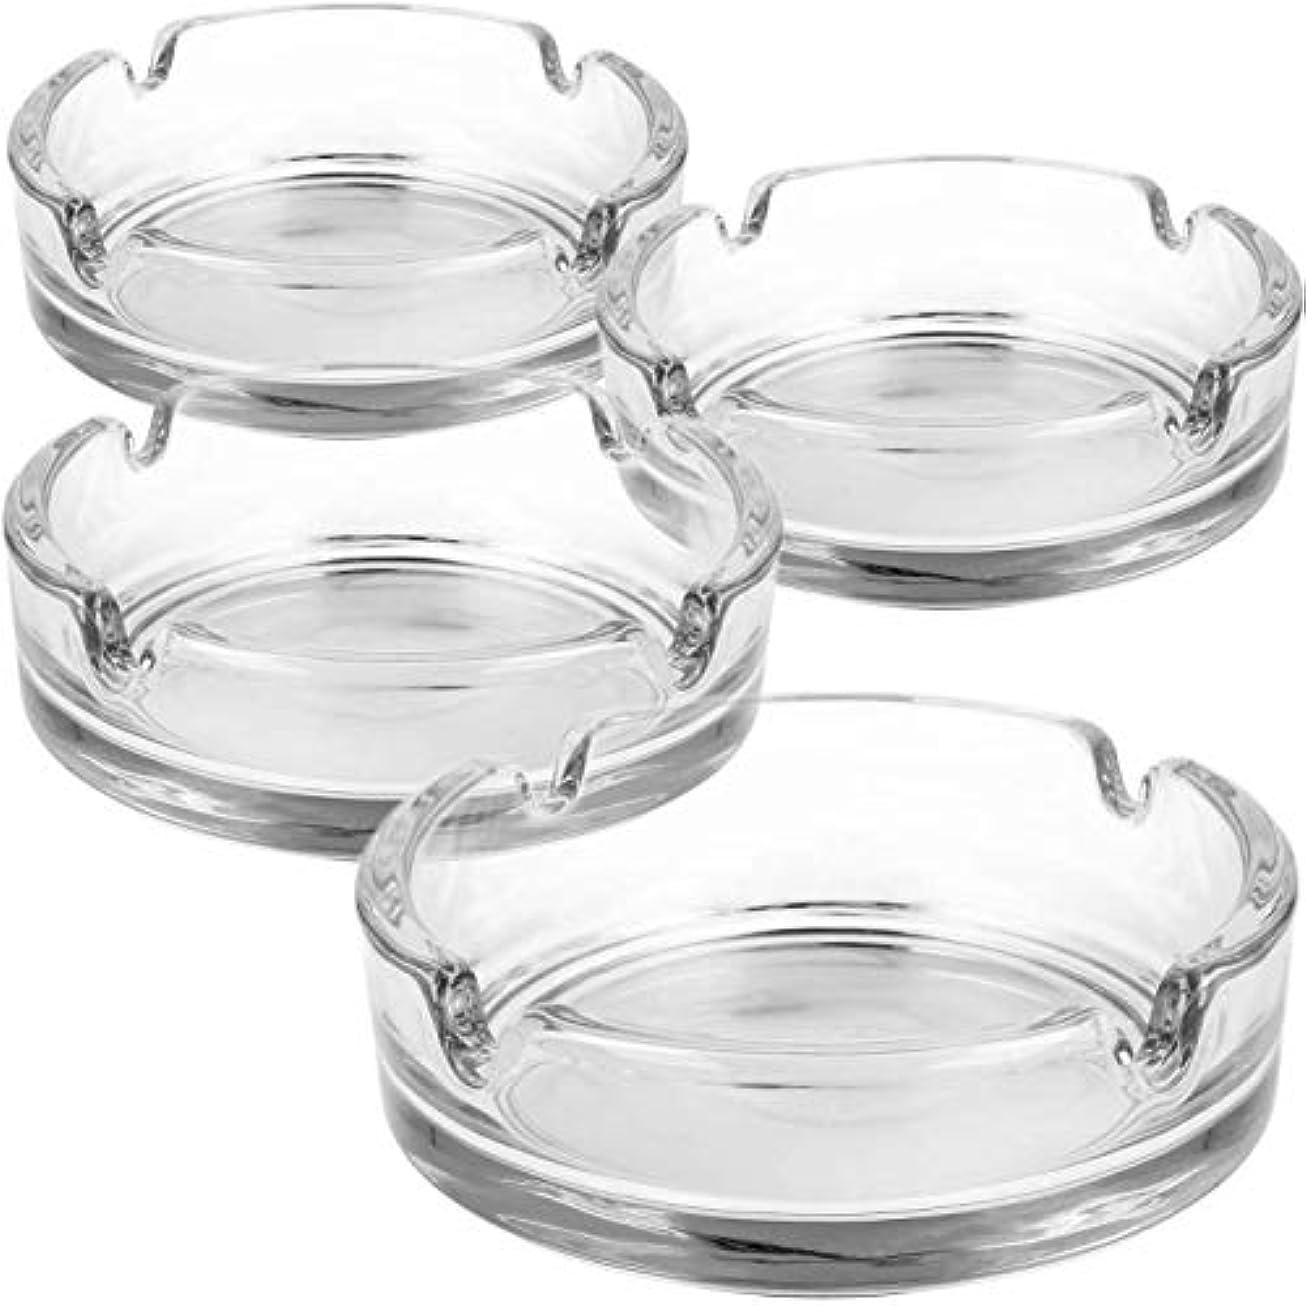 モディッシュスクラップアクセルガラス製の4倍の灰皿 - タバコ用クリアガラスの灰皿 - プライベートと美食のための灰皿